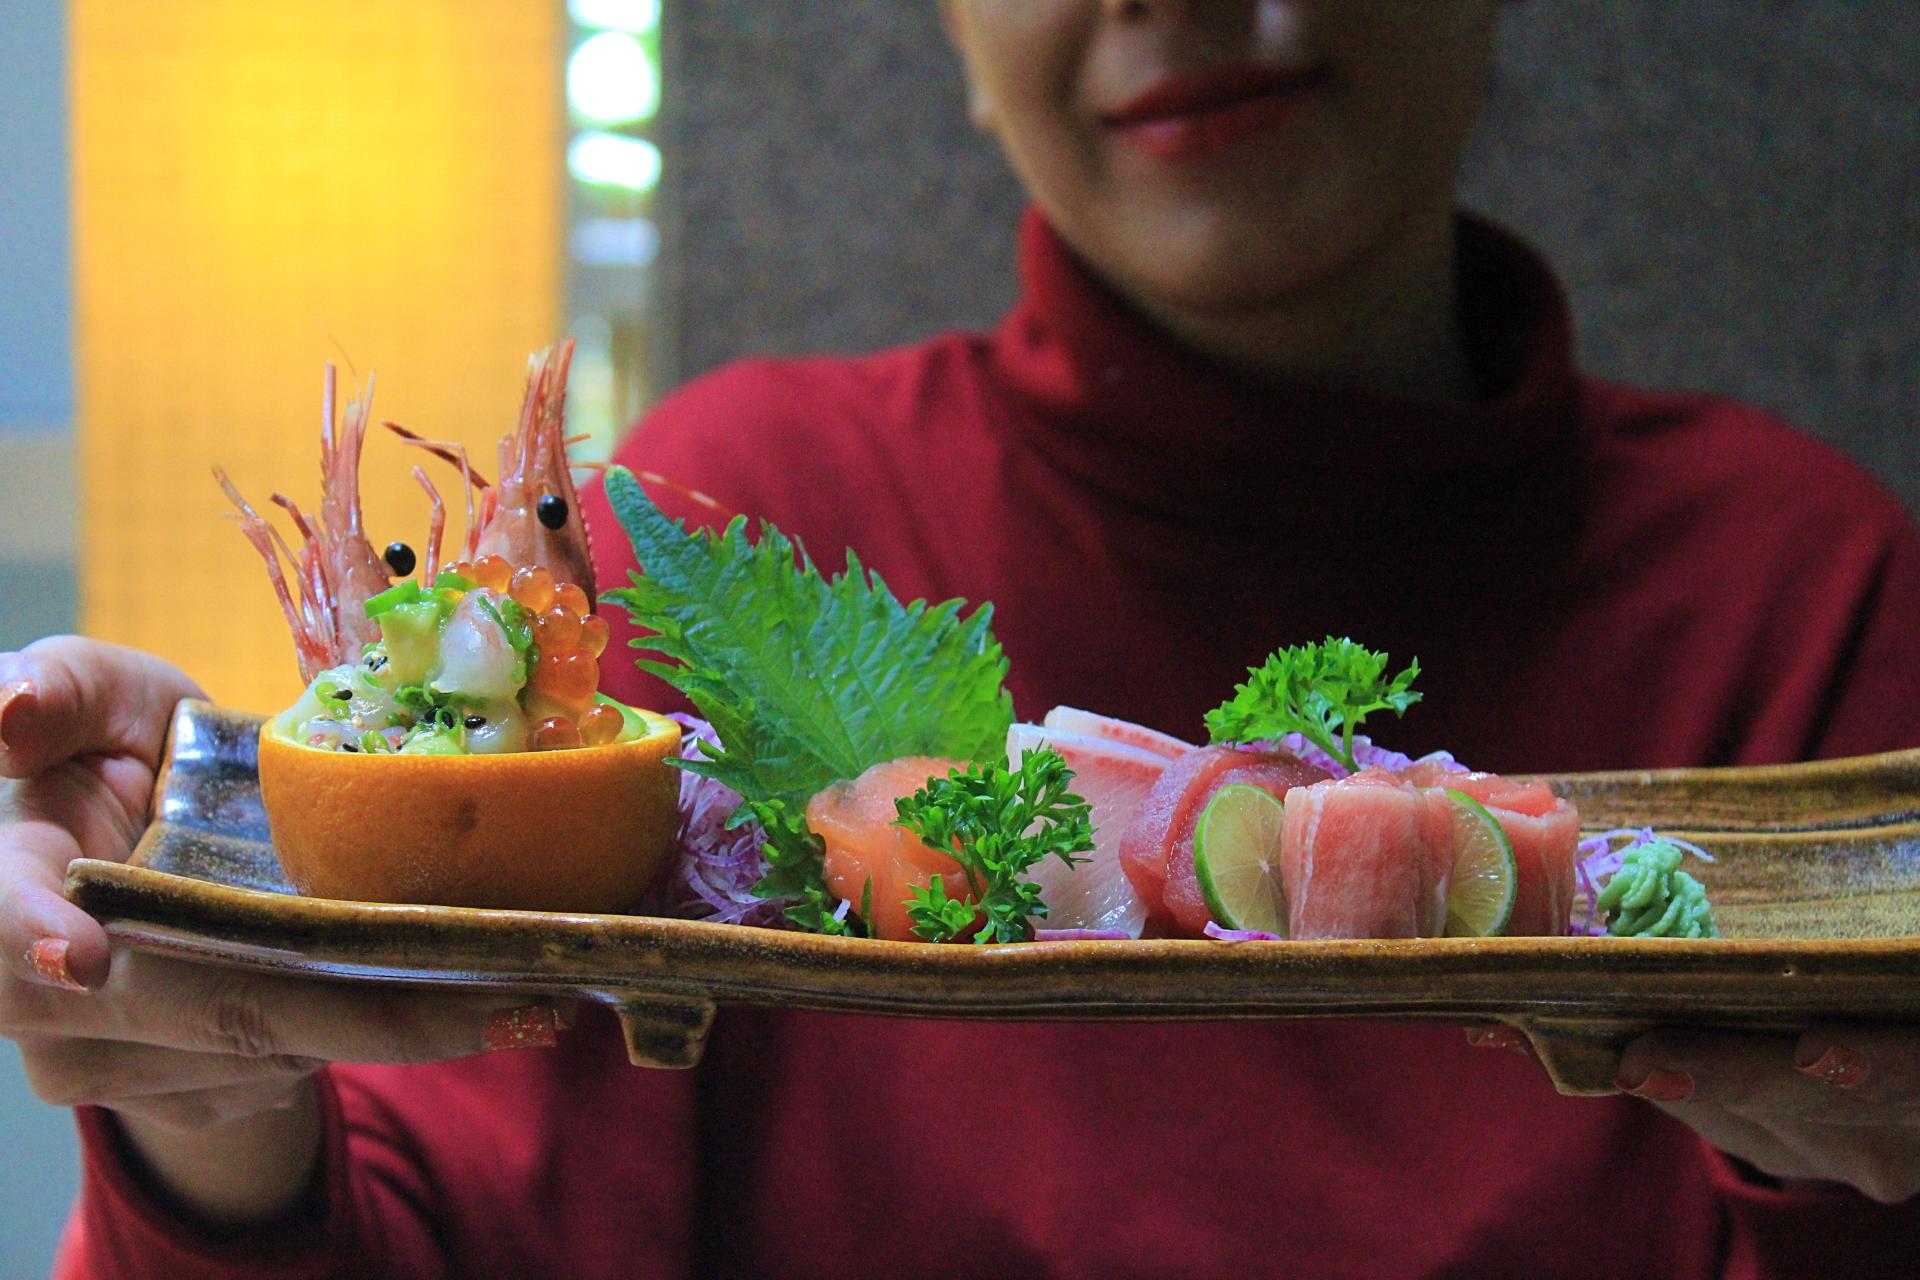 SanQi Sashimi platter